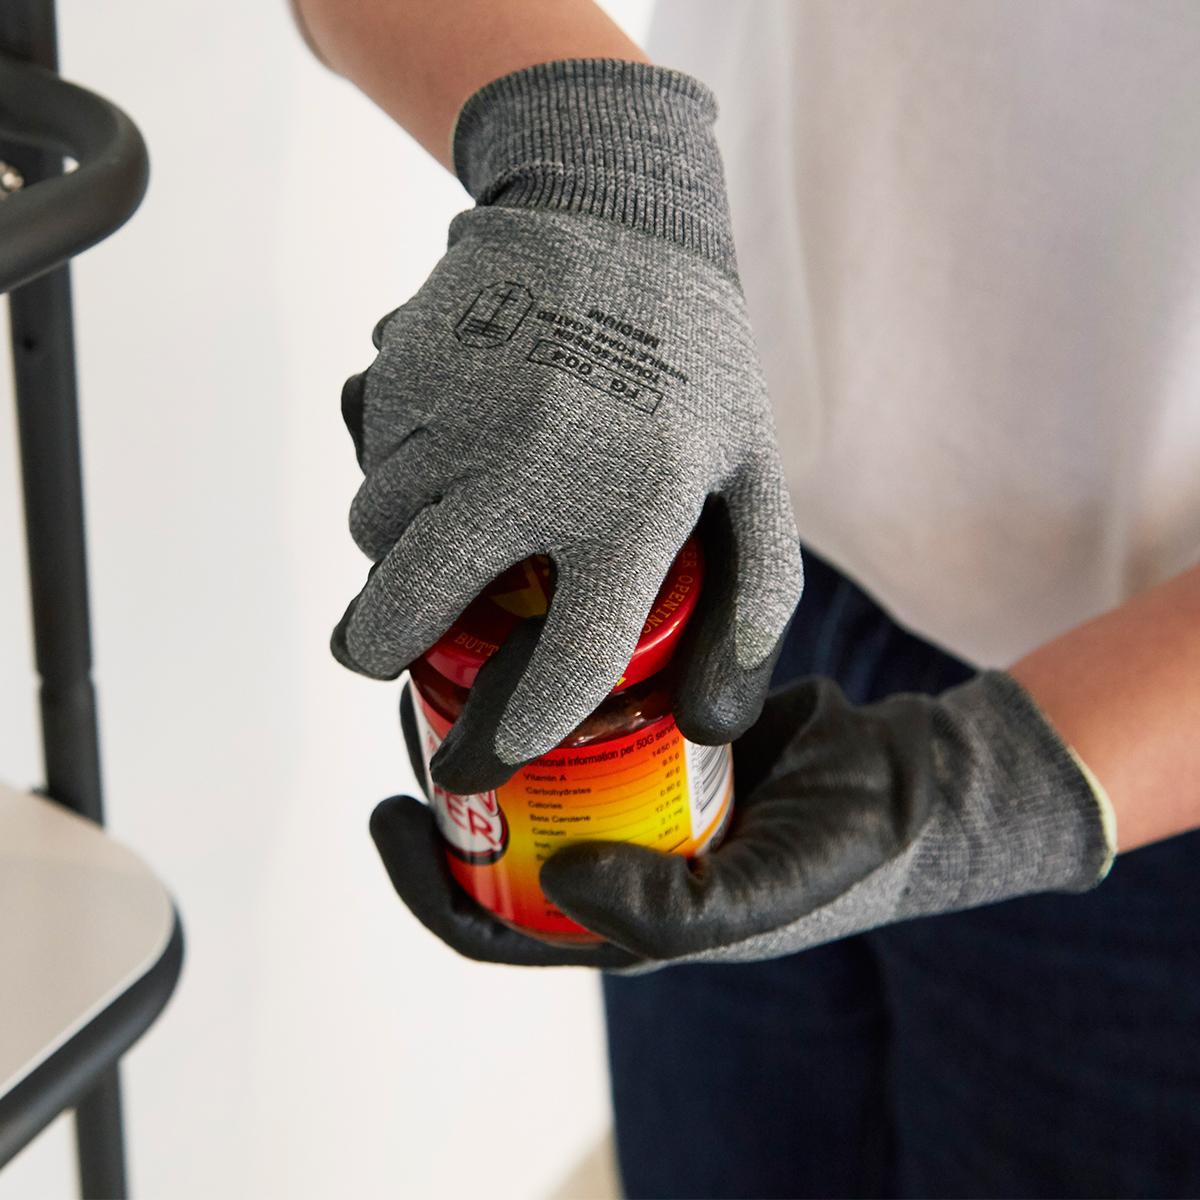 おしゃれなニット地の手袋ですが、手のひら側は、全面ゴム。つけると、指先までフィットして、まるで薄い筋肉が1枚増えたよう。手に力を入れやすく感じます。スマホを触れる。ネジもつまめる抜群のフィット感で、指先がスイスイ動く「作業用手袋」|workers gloves(ワーカーズグローブ)